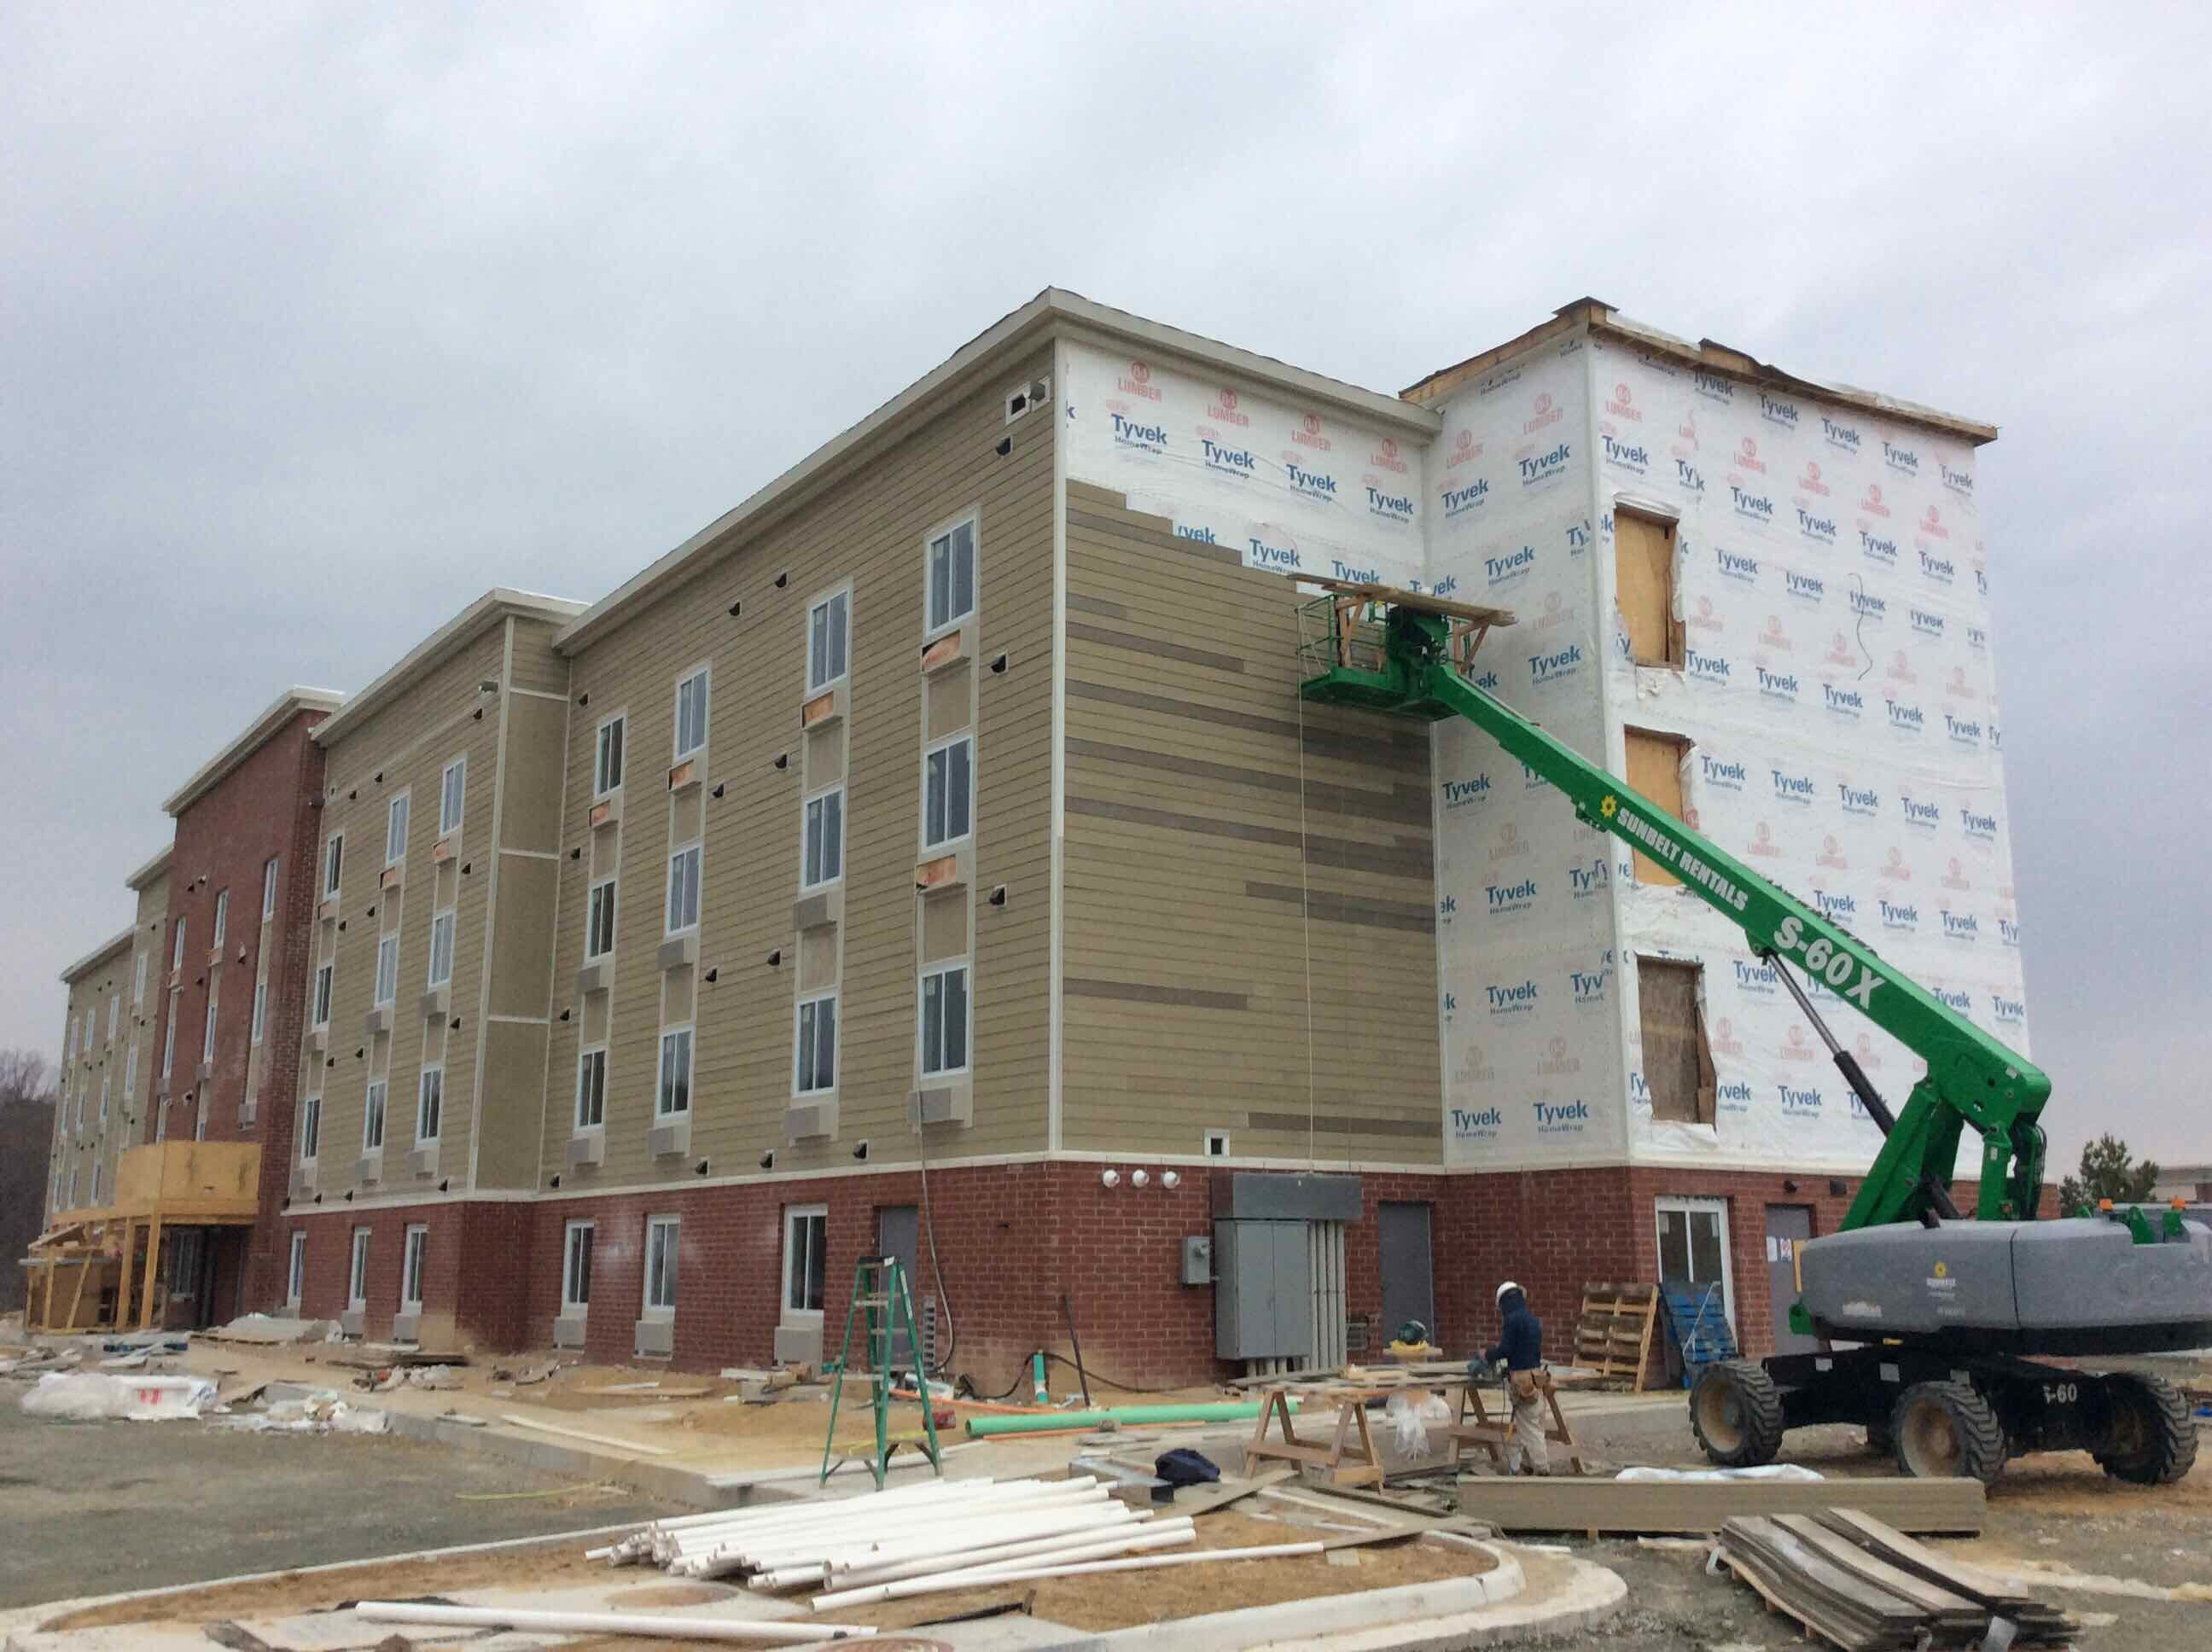 WoodSpring Suites - Stafford, VA Fortney & Weygandt, Inc. 9